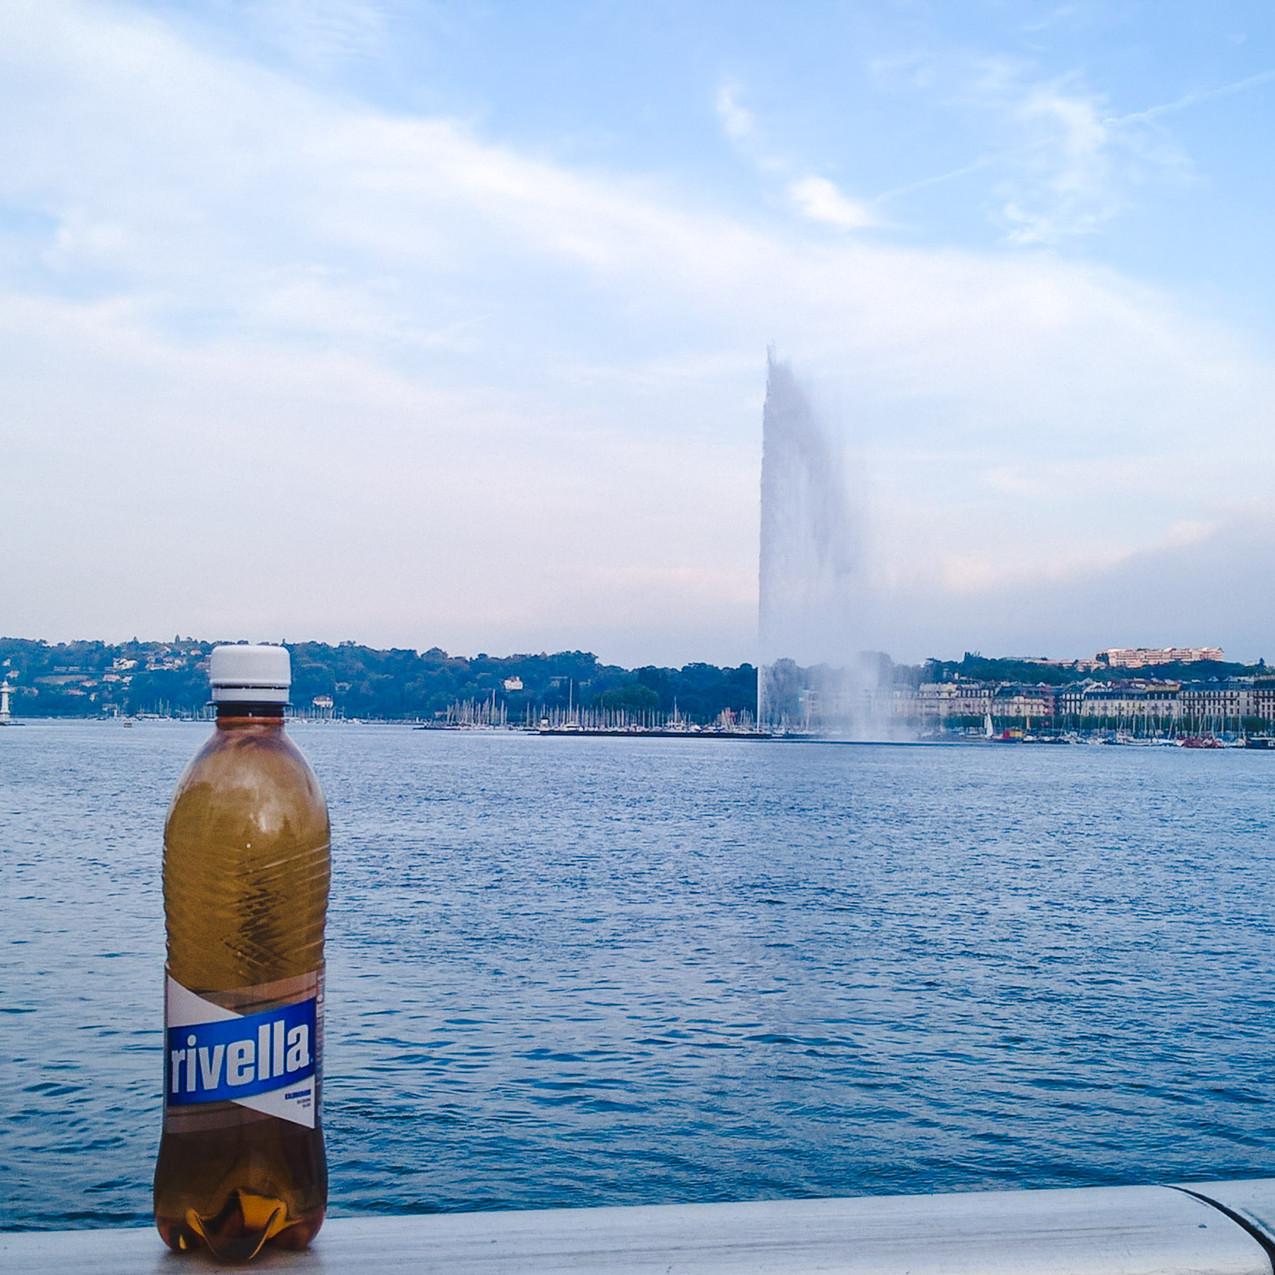 Rivella - Swiss Drink